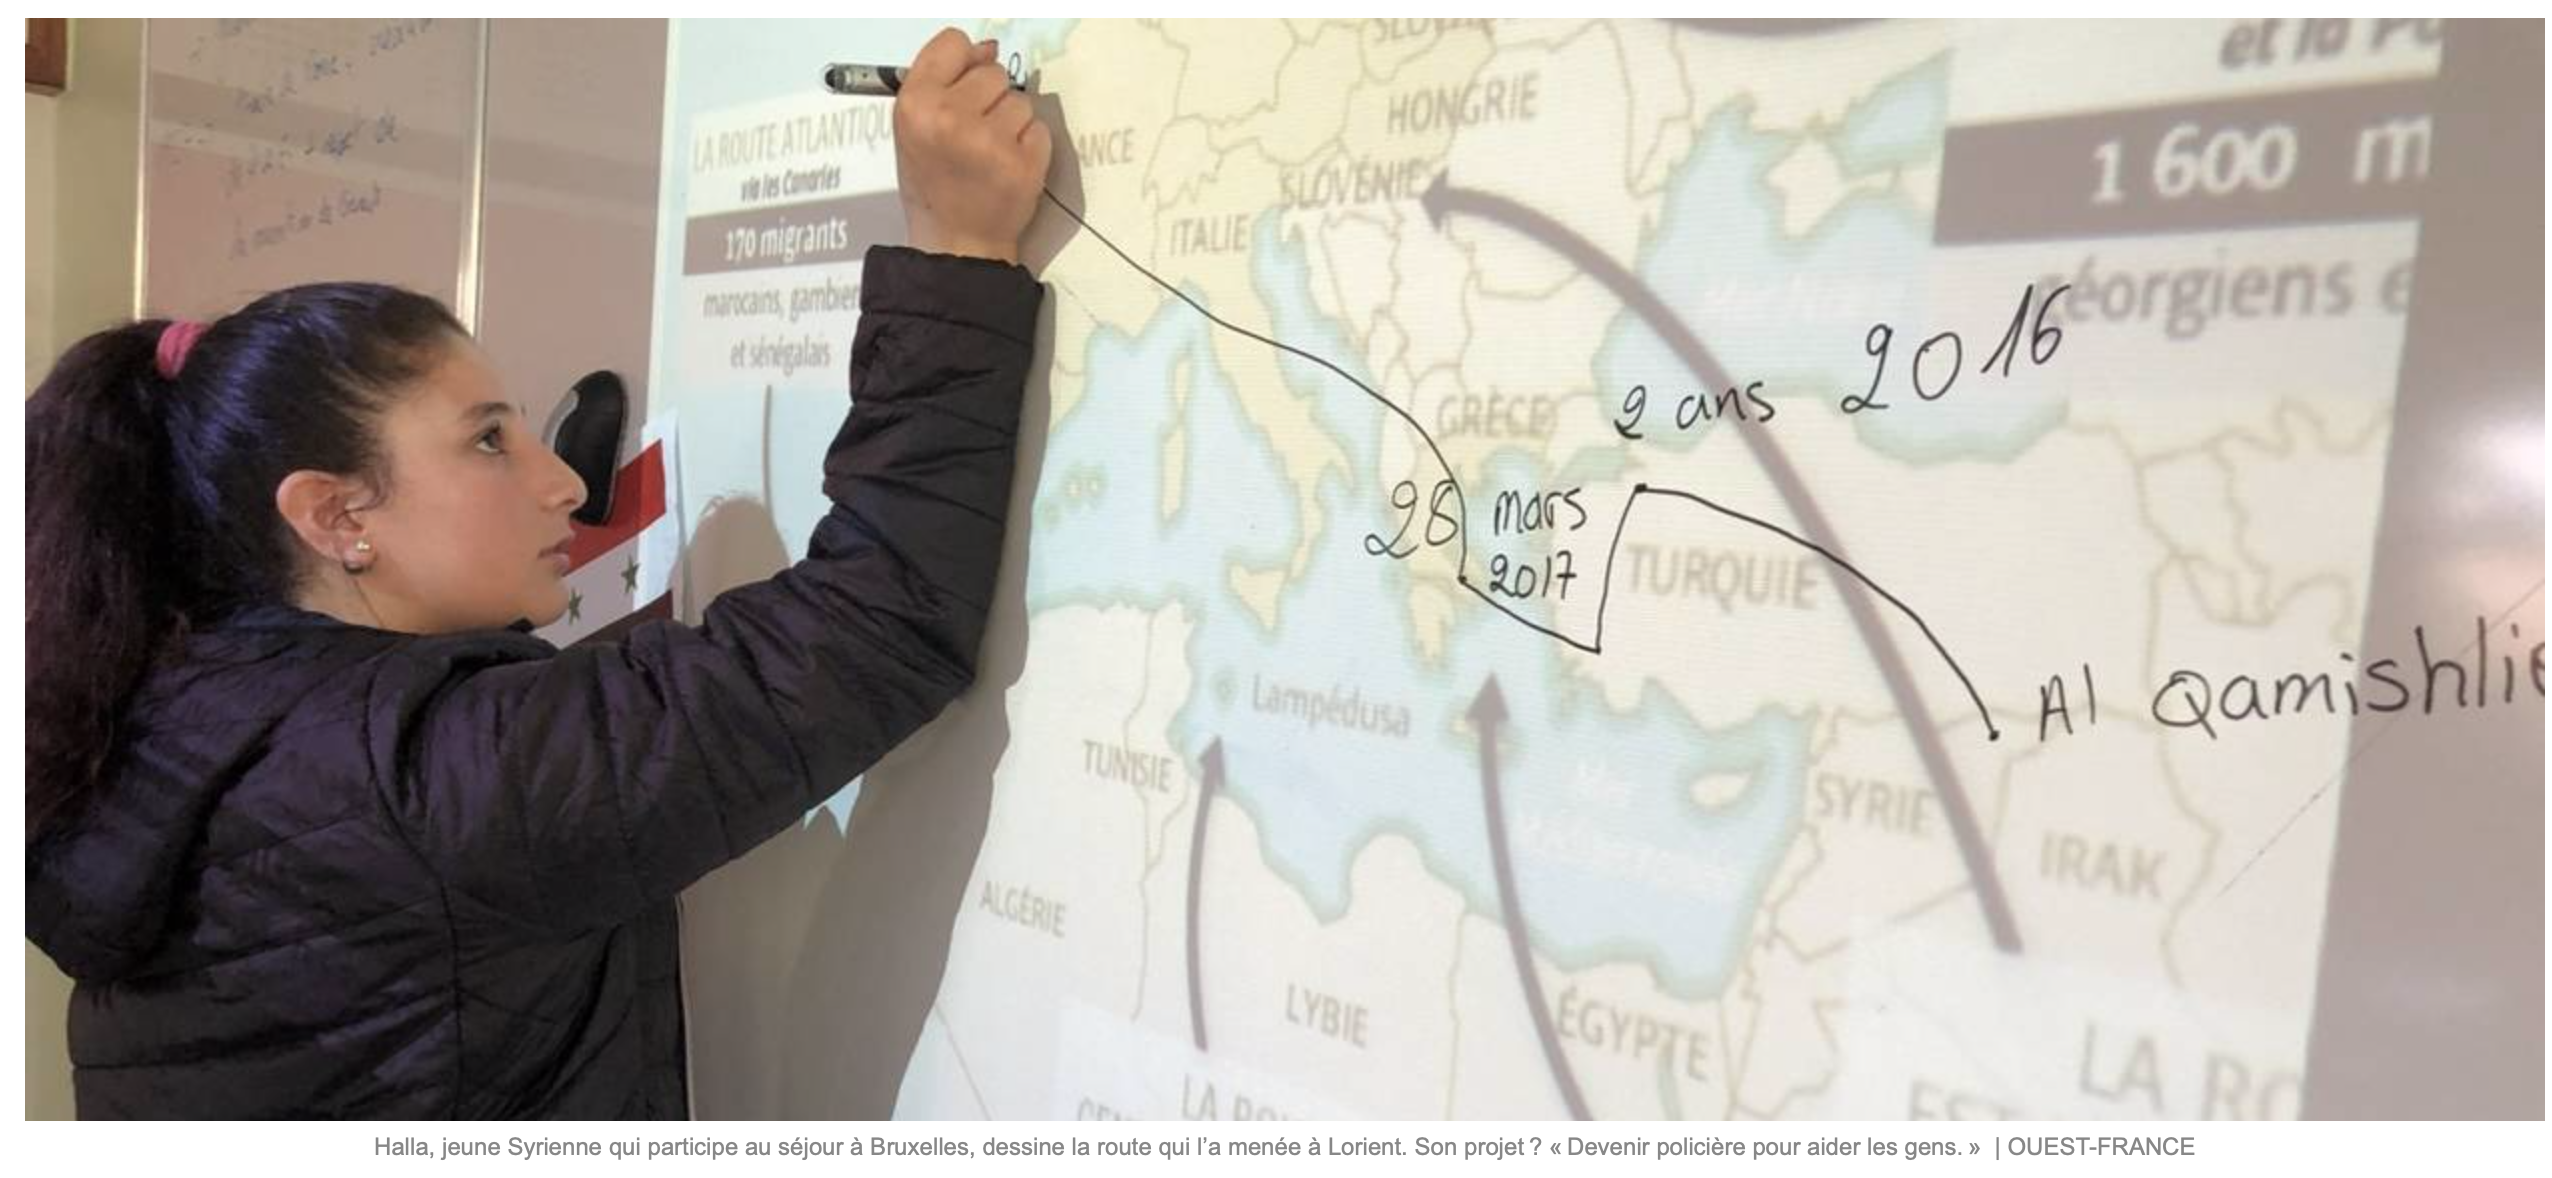 Ah ! Ils ont bien appris à Halla, la jeune «migrante» syrienne, comment faire pleurer dans les chaumières